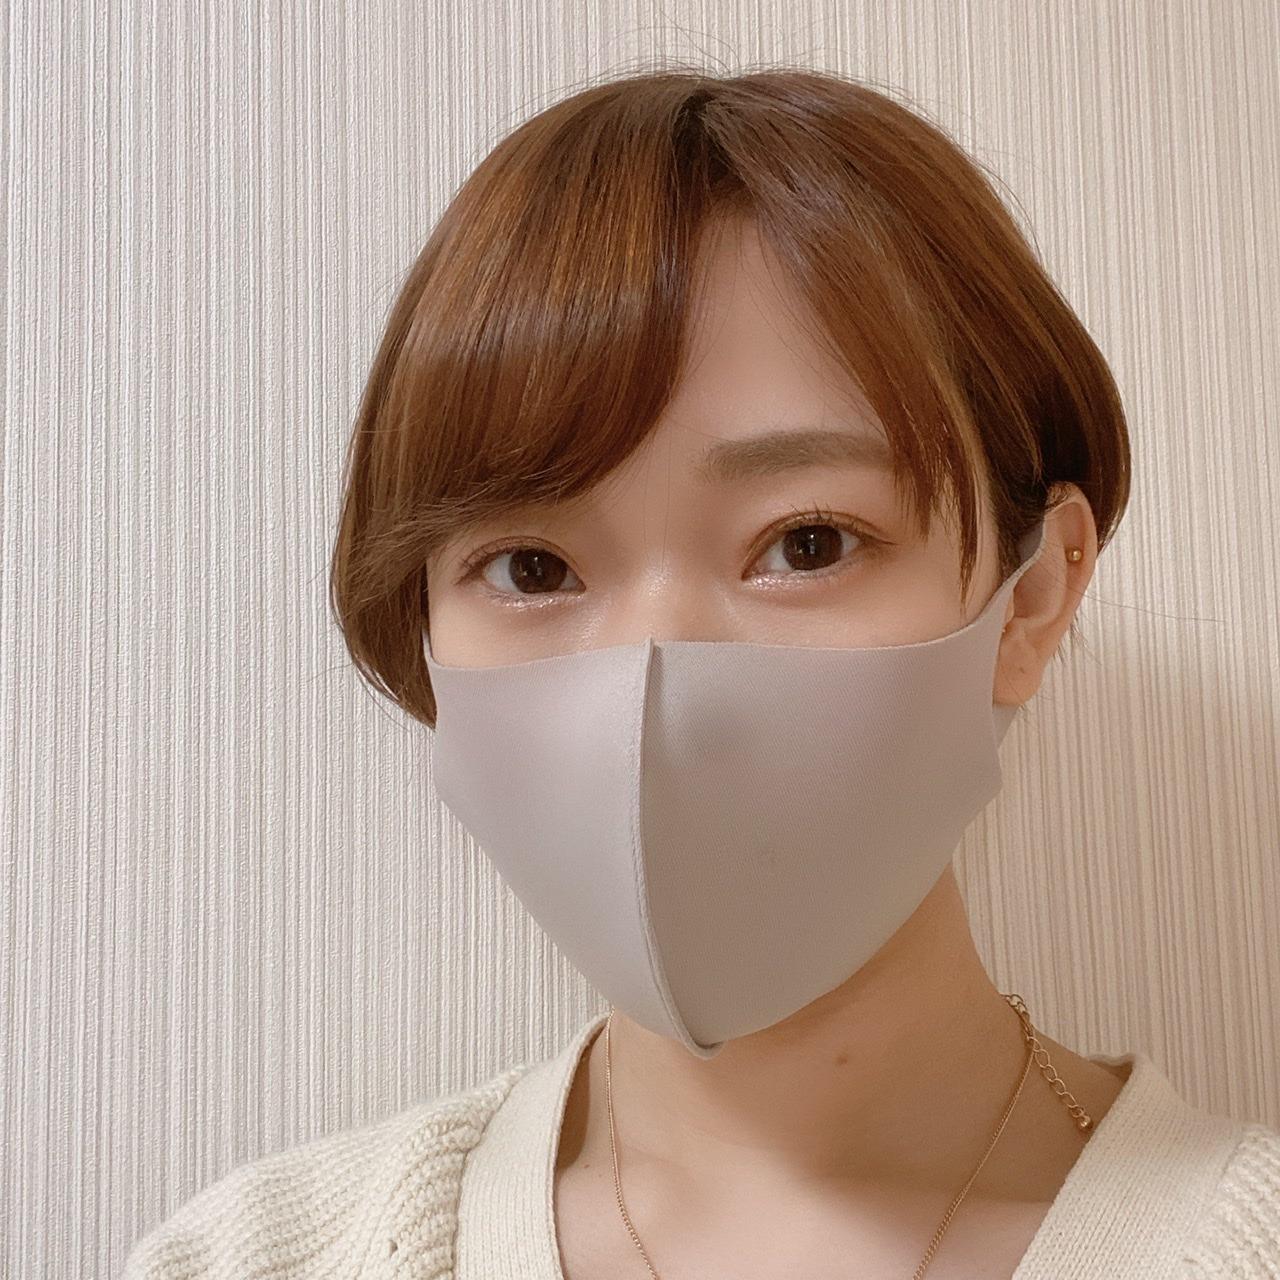 『3COINS』の洗えるマスクが最強説! 通気性もデザインも抜群【今週のMOREインフルエンサーズファッション人気ランキング】PhotoGallery_1_1